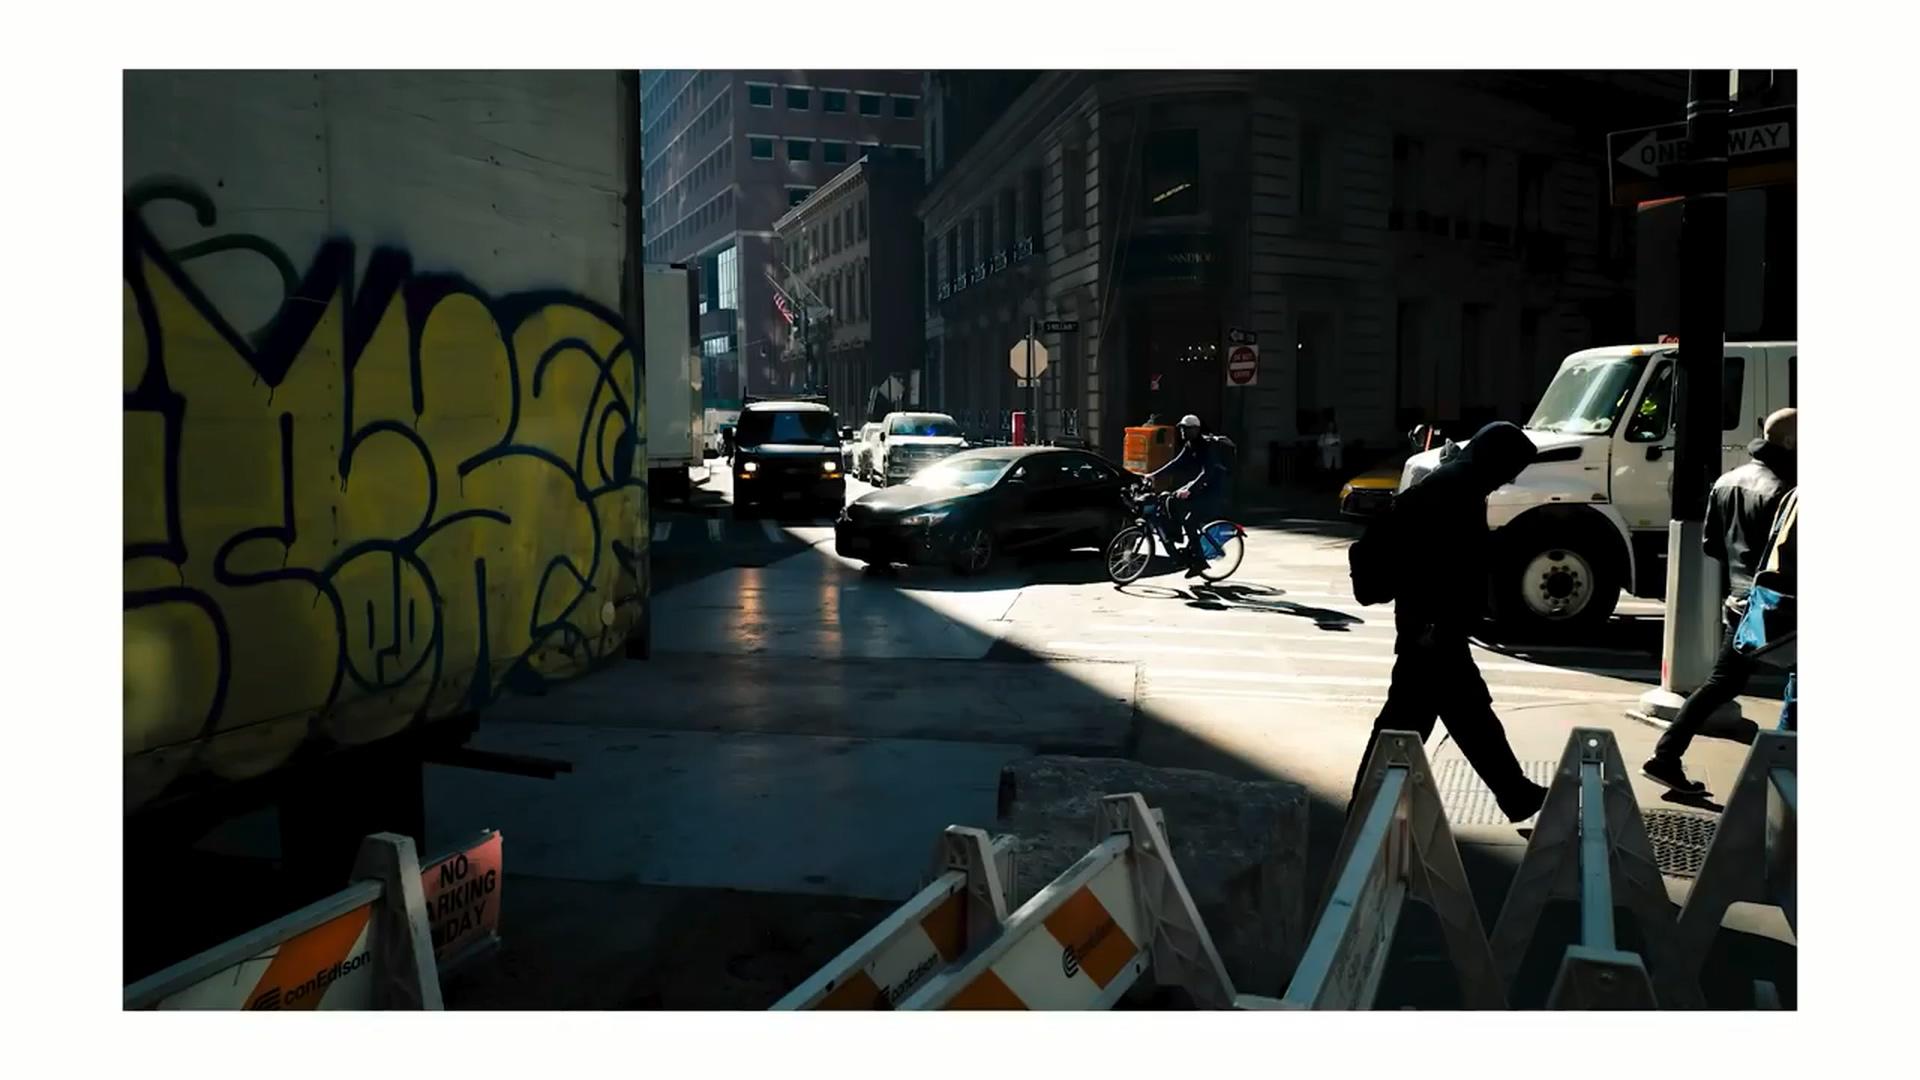 一切从基础开始 初试街头摄影要知道的7件事